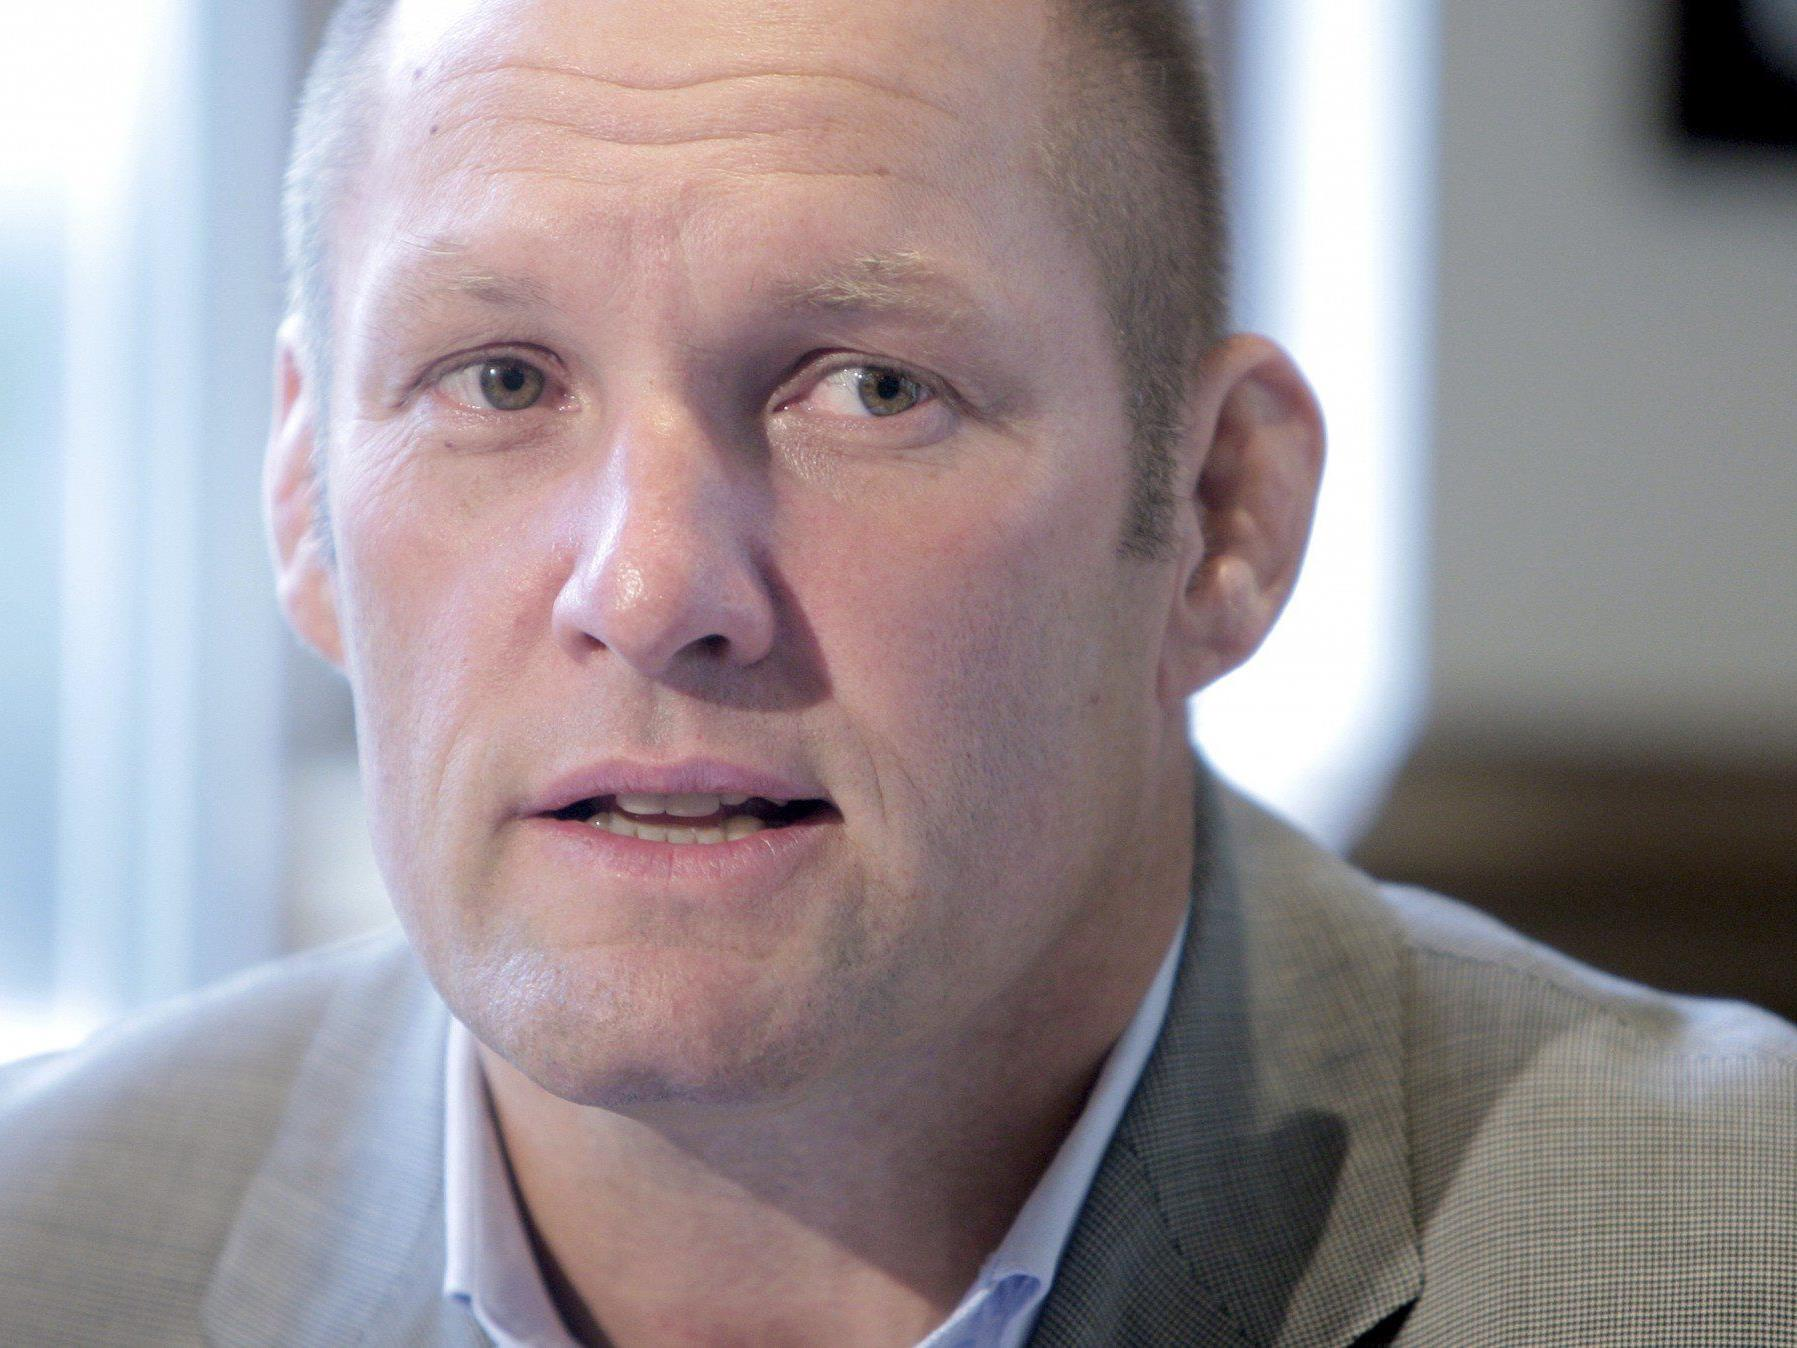 Missbrauchsverdacht gegen Judo-Doppelolympiasieger Seisenbacher